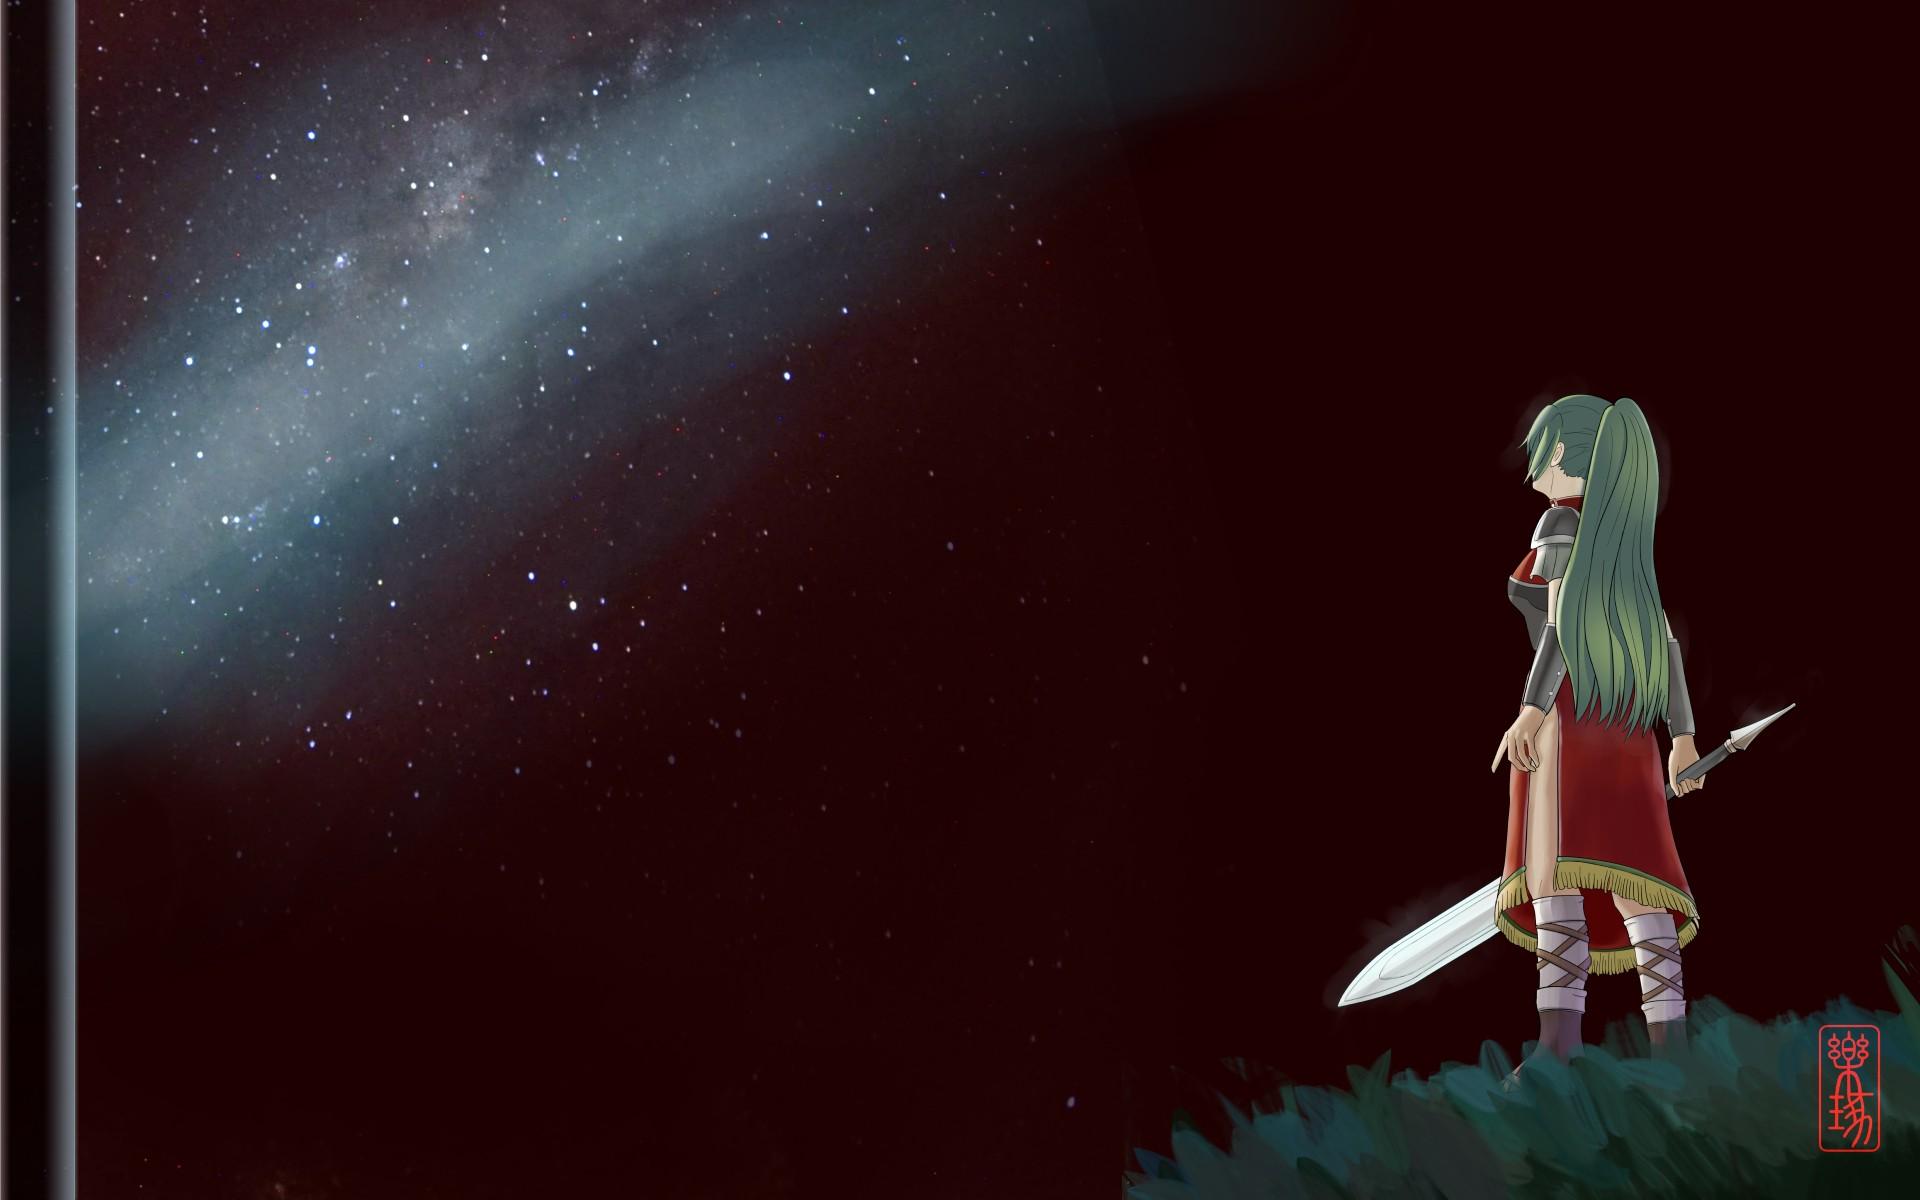 仰望星空 由 乐琢 创作